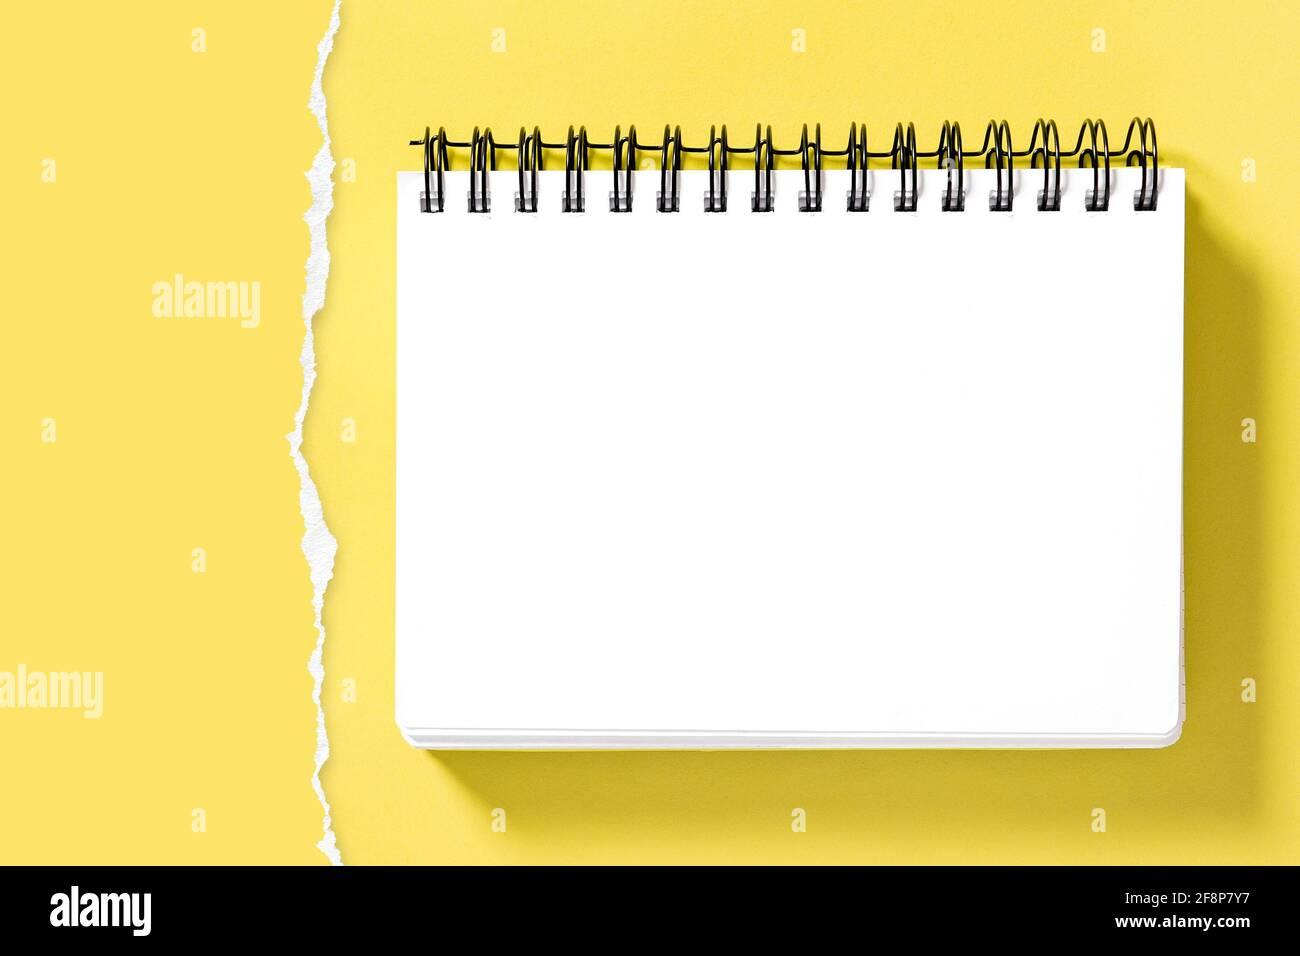 Maquette de bloc-notes en spirale et bordure en papier déchirée pour la présentation de votre dessin. Arrière-plan jaune Banque D'Images